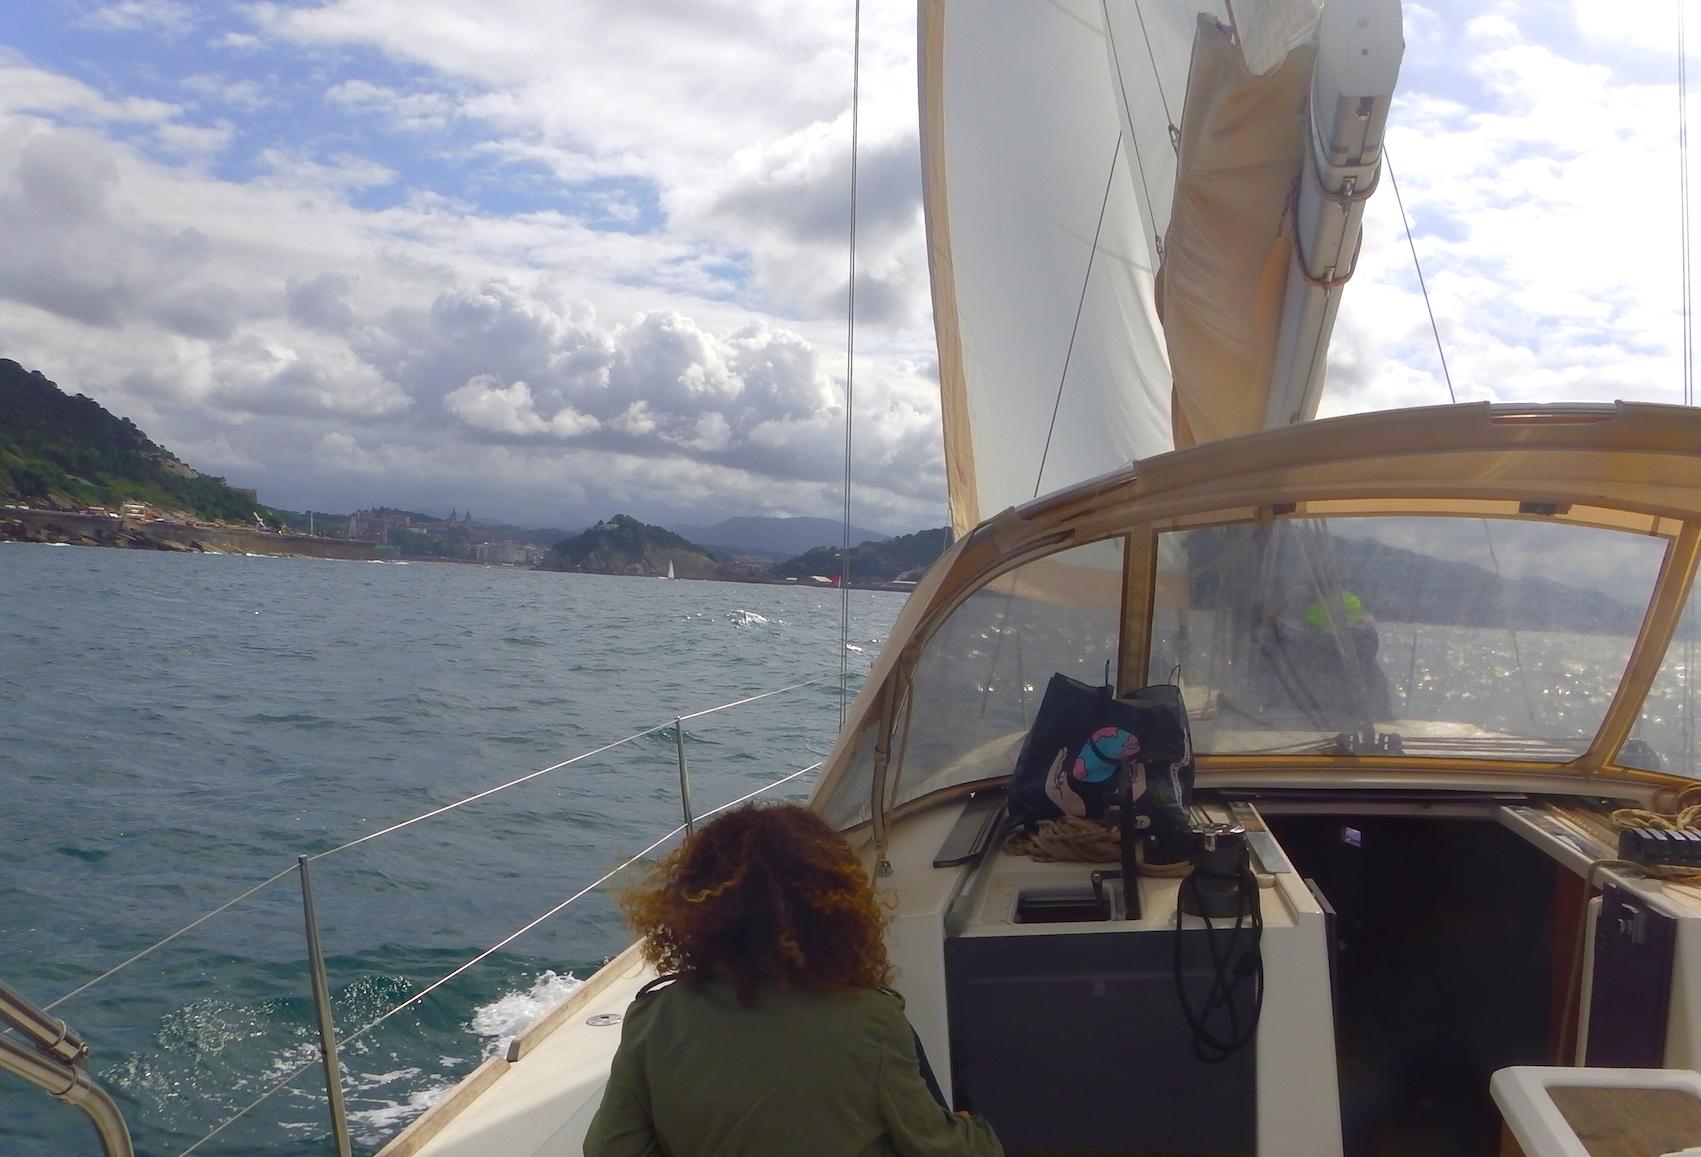 Semana-Grande-Feux-artifices-San-Sebastian-Le-cercle-evenements-agence-voyage-pays-basque-9